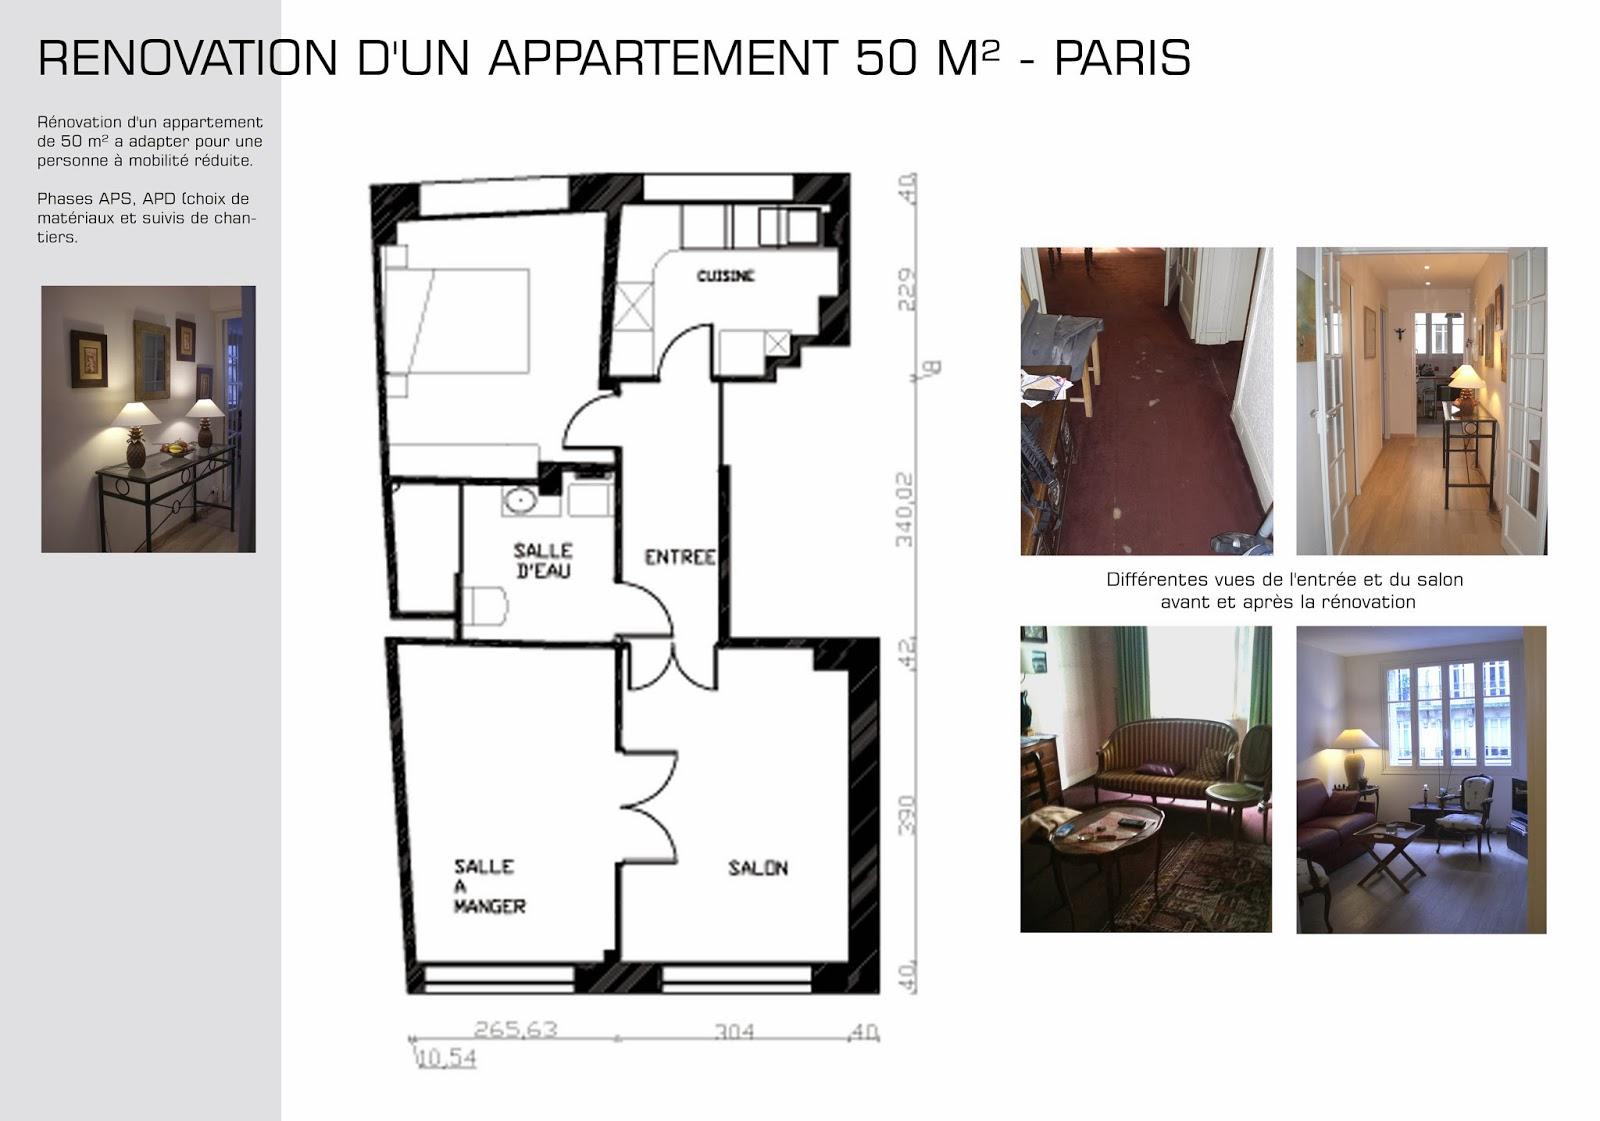 Book Architecte D Intérieur book: rénovation appartement pour personne à mobilité réduite